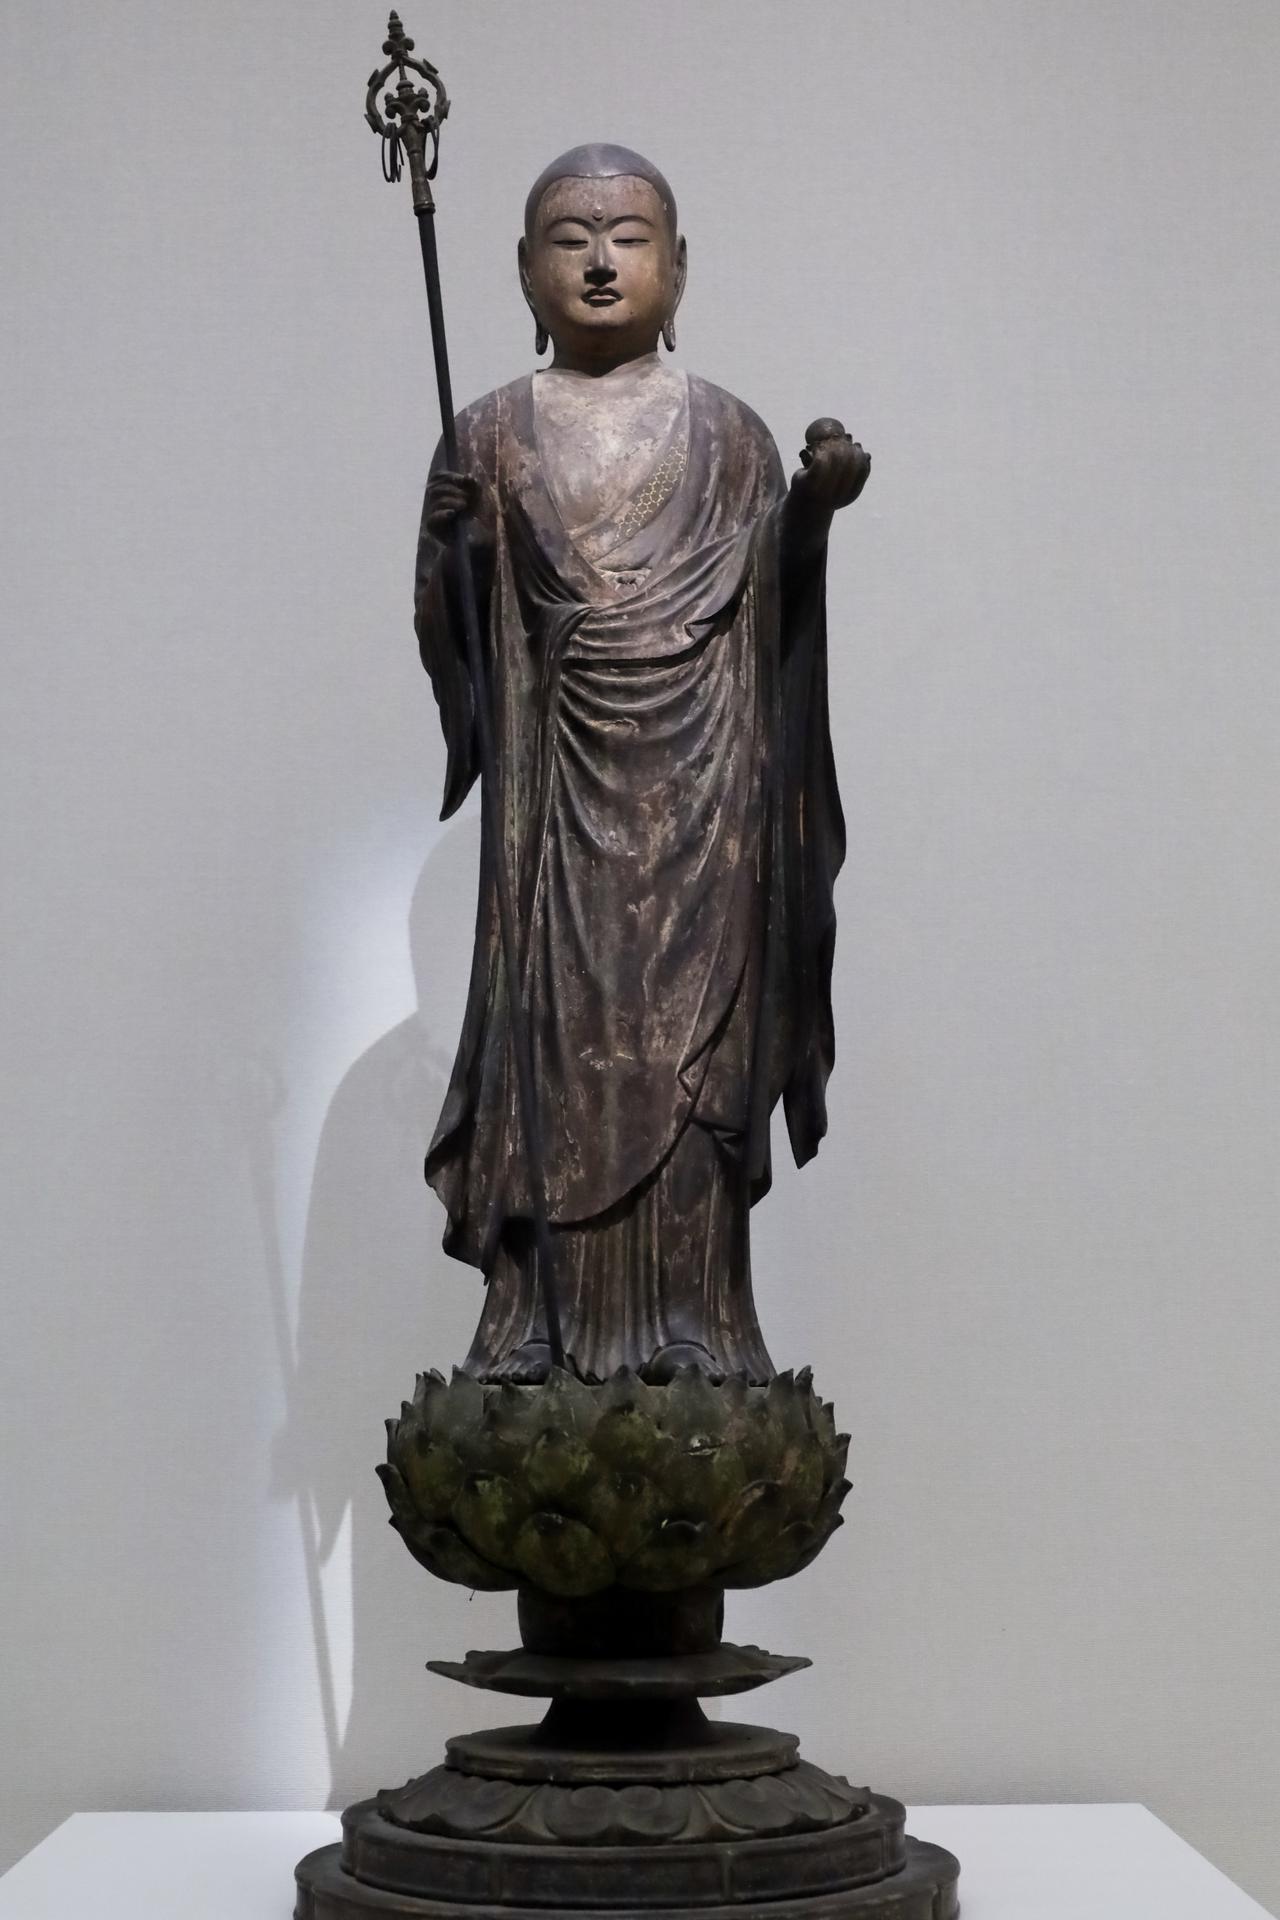 画像: 地蔵菩薩立像 鎌倉時代14世紀 奈良国立博物館蔵 よく見ると顔や胸は肌色で衣全体にも華やかな彩色が施されていたことが分かる